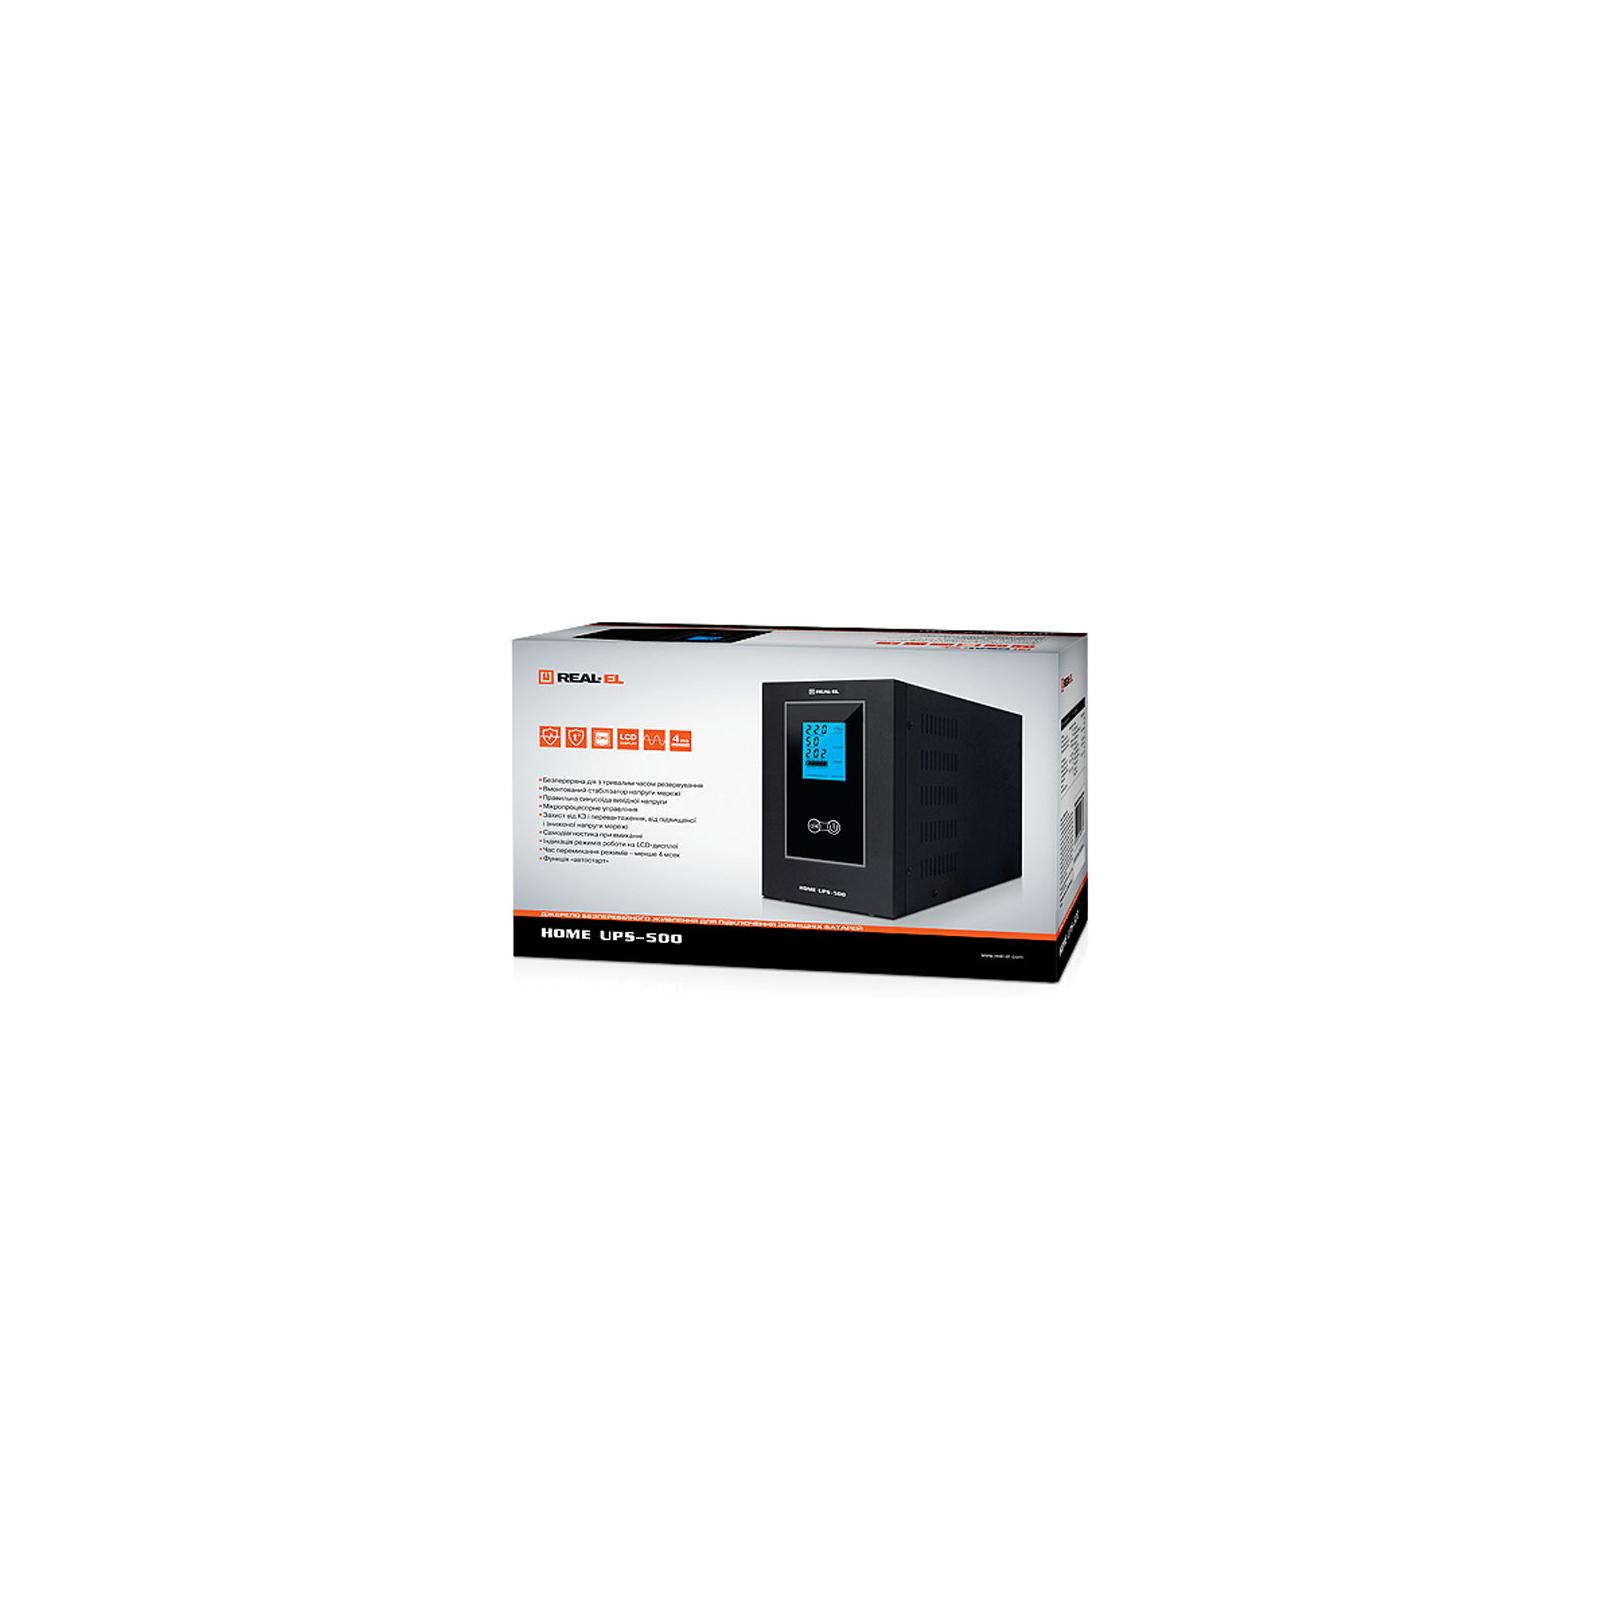 Пристрій безперебійного живлення REAL-EL HOME UPS-500 (EL122100001) зображення 3